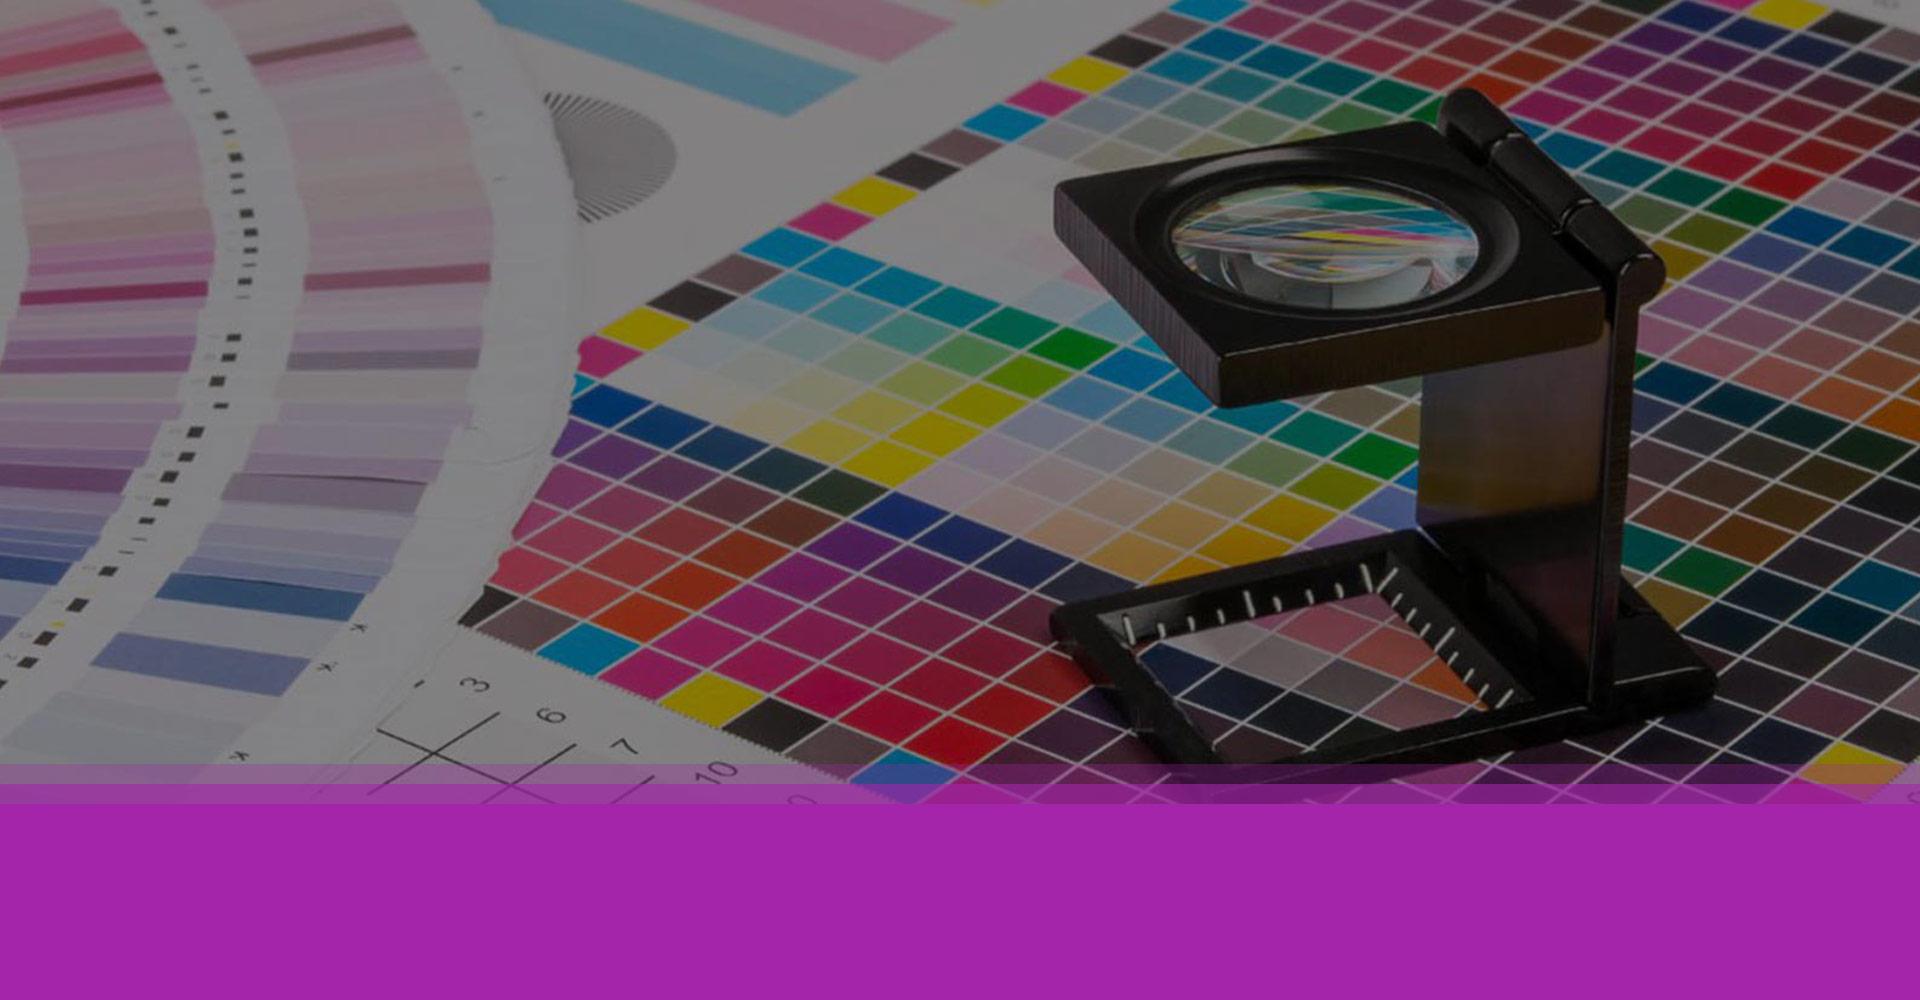 Mídia Máxima Produtora de Eventos, Gráfica e Editora proporcionando trabalho de qualidade em Jundiaí.